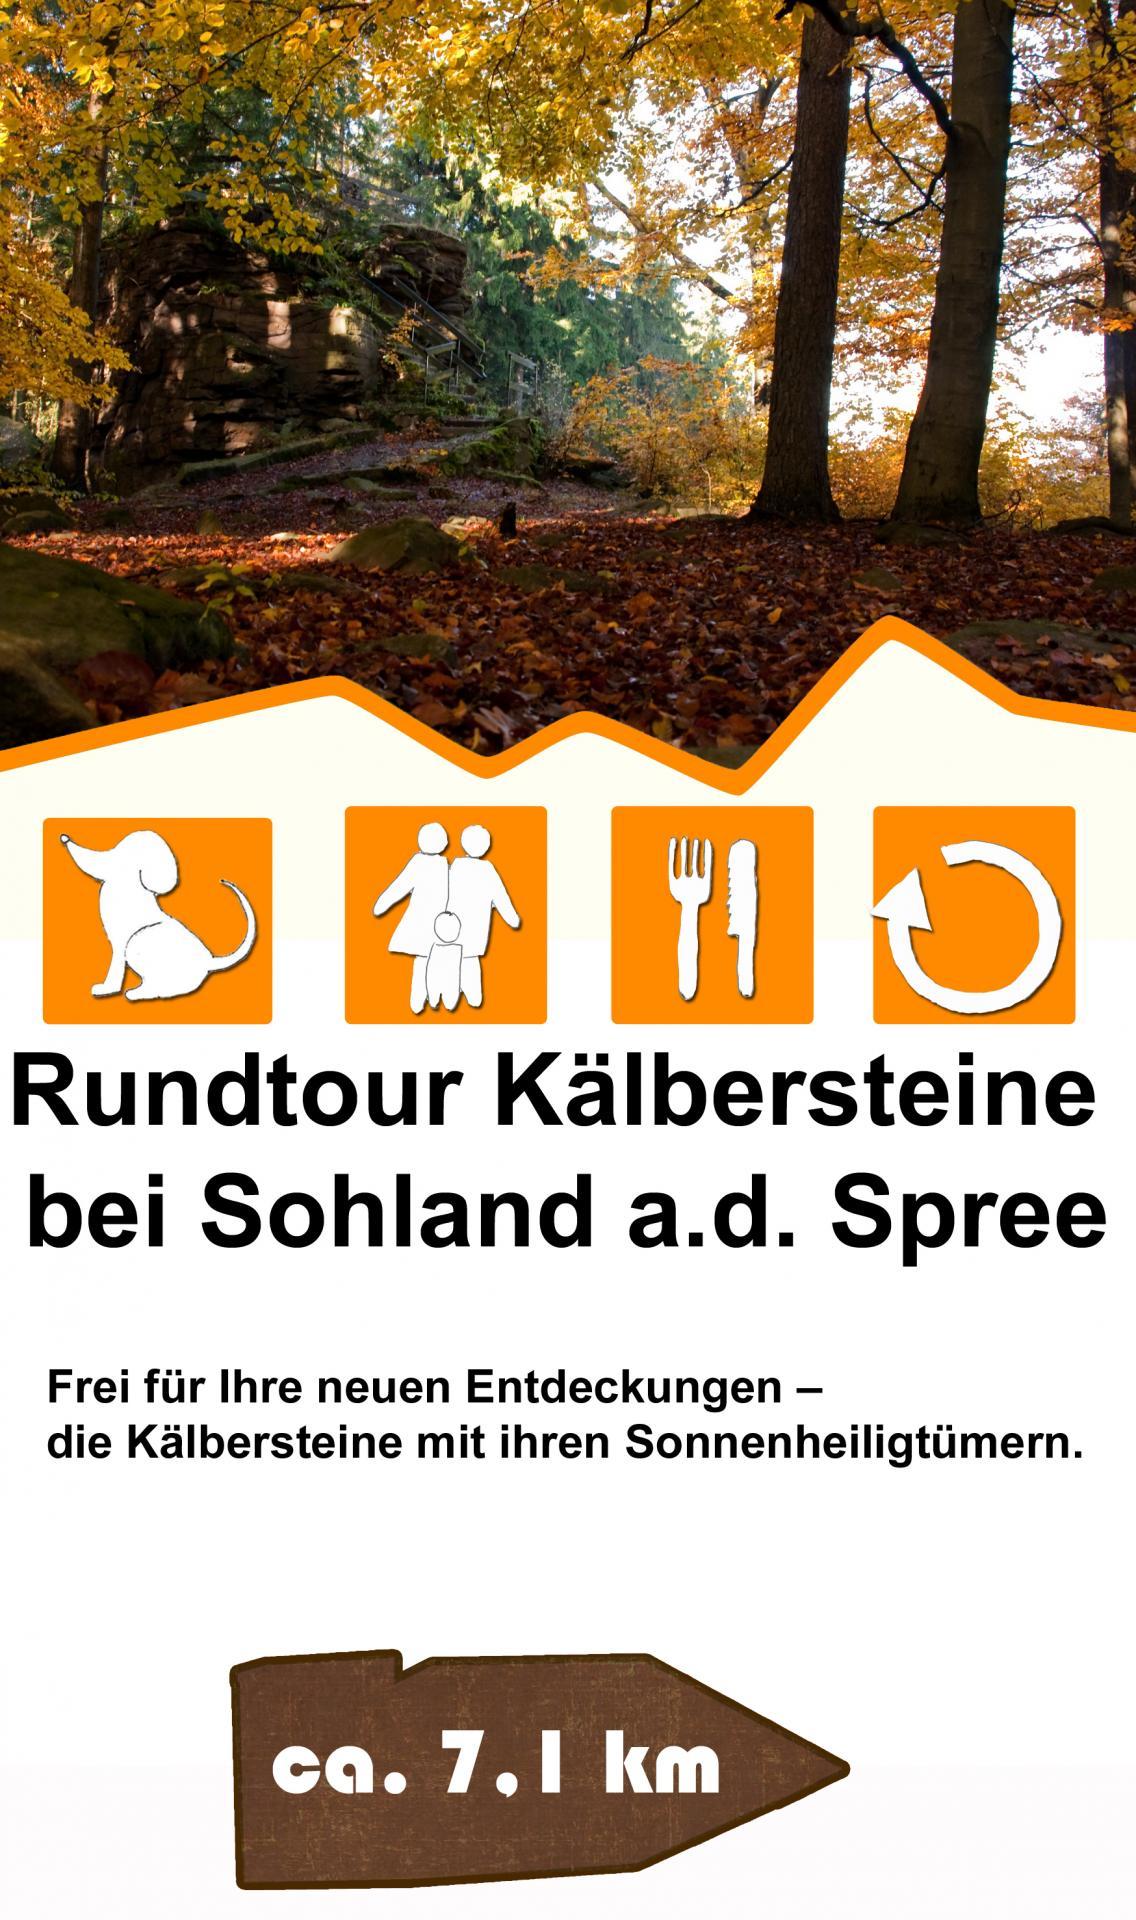 Rundtour Kälbersteine